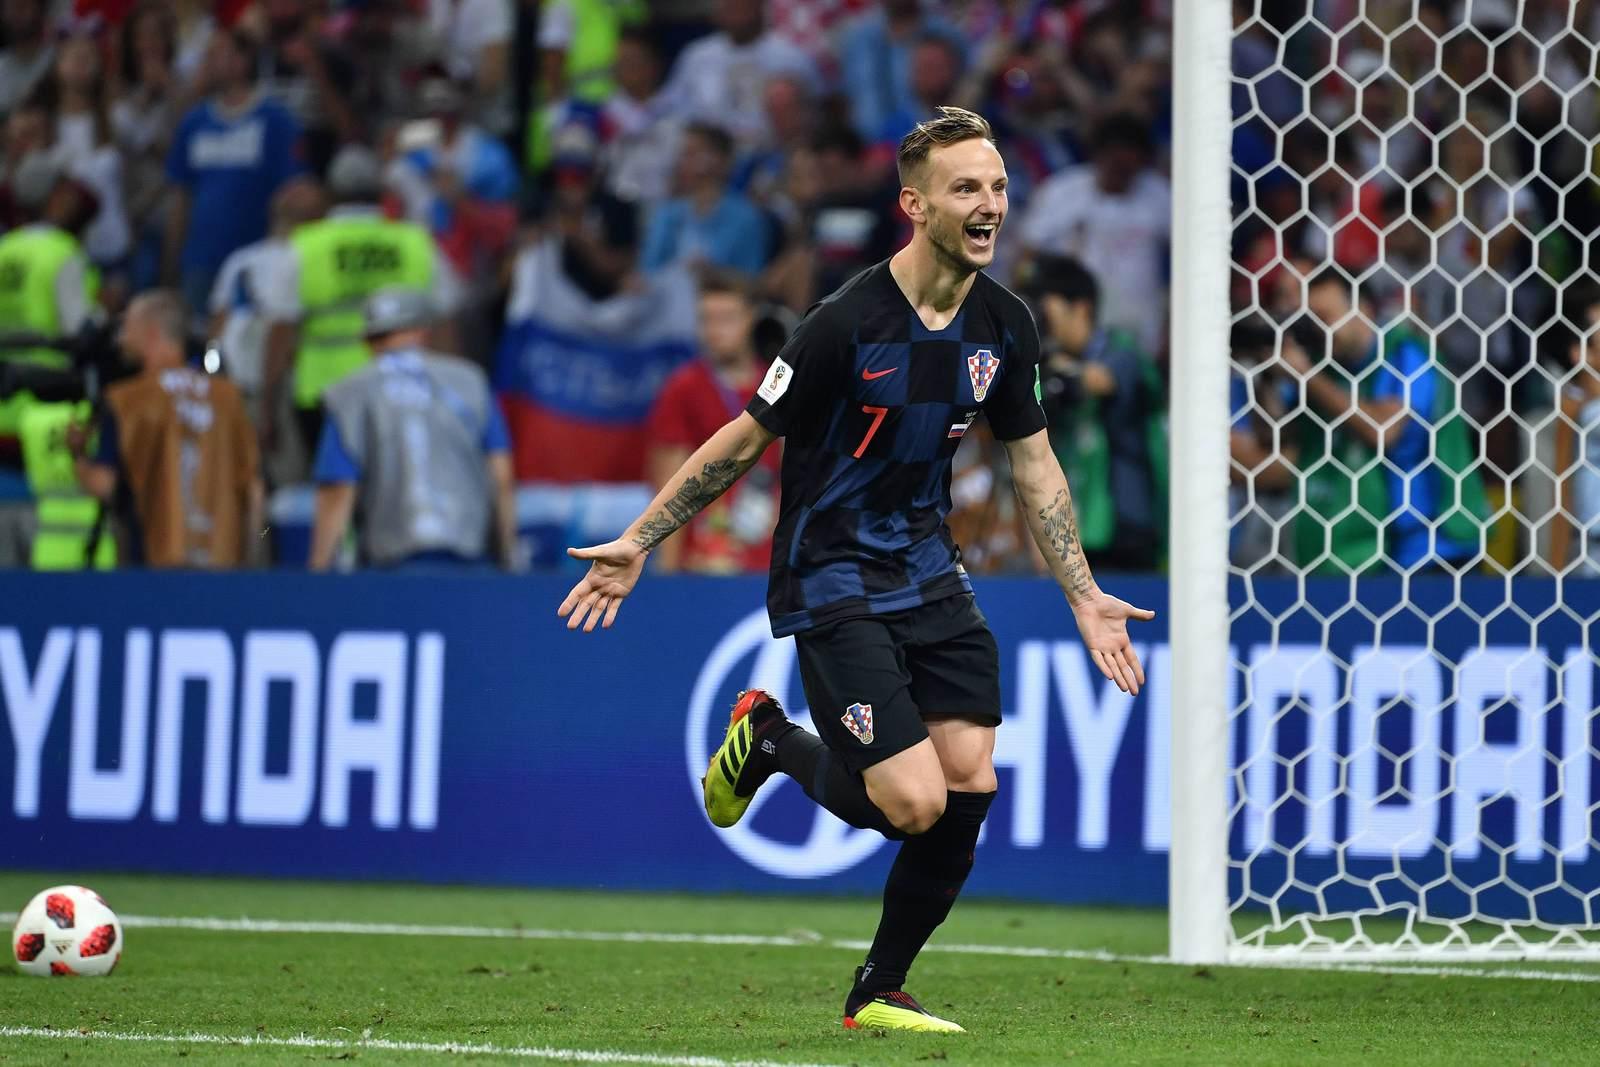 Ivan Rakitic jubelt für Kroatien. Jetzt auf die Partie Kroatien gegen England wetten